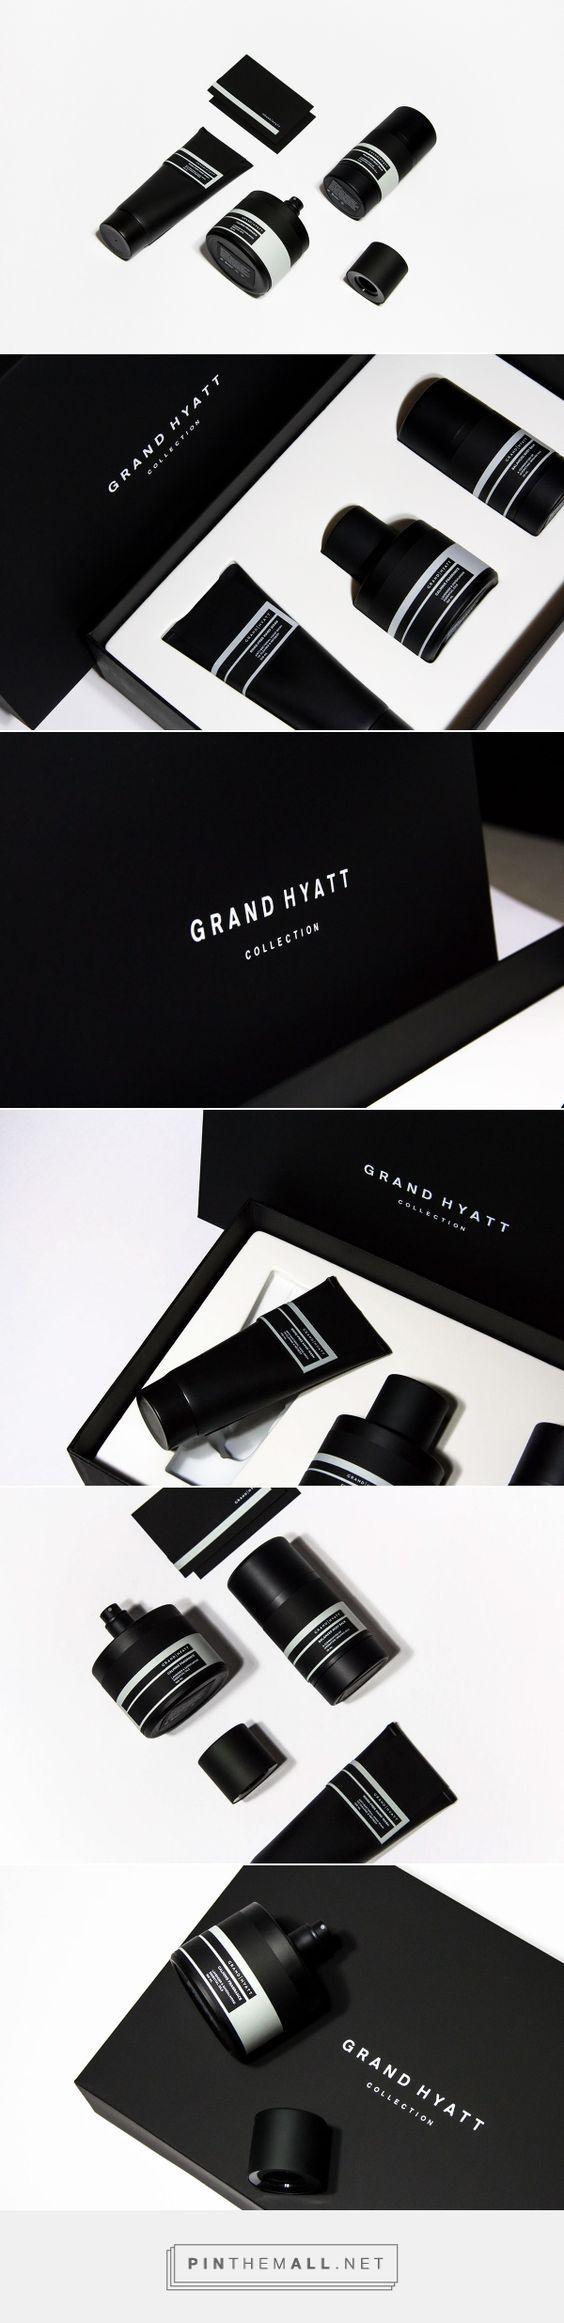 Grand Hyatt Packaging: More